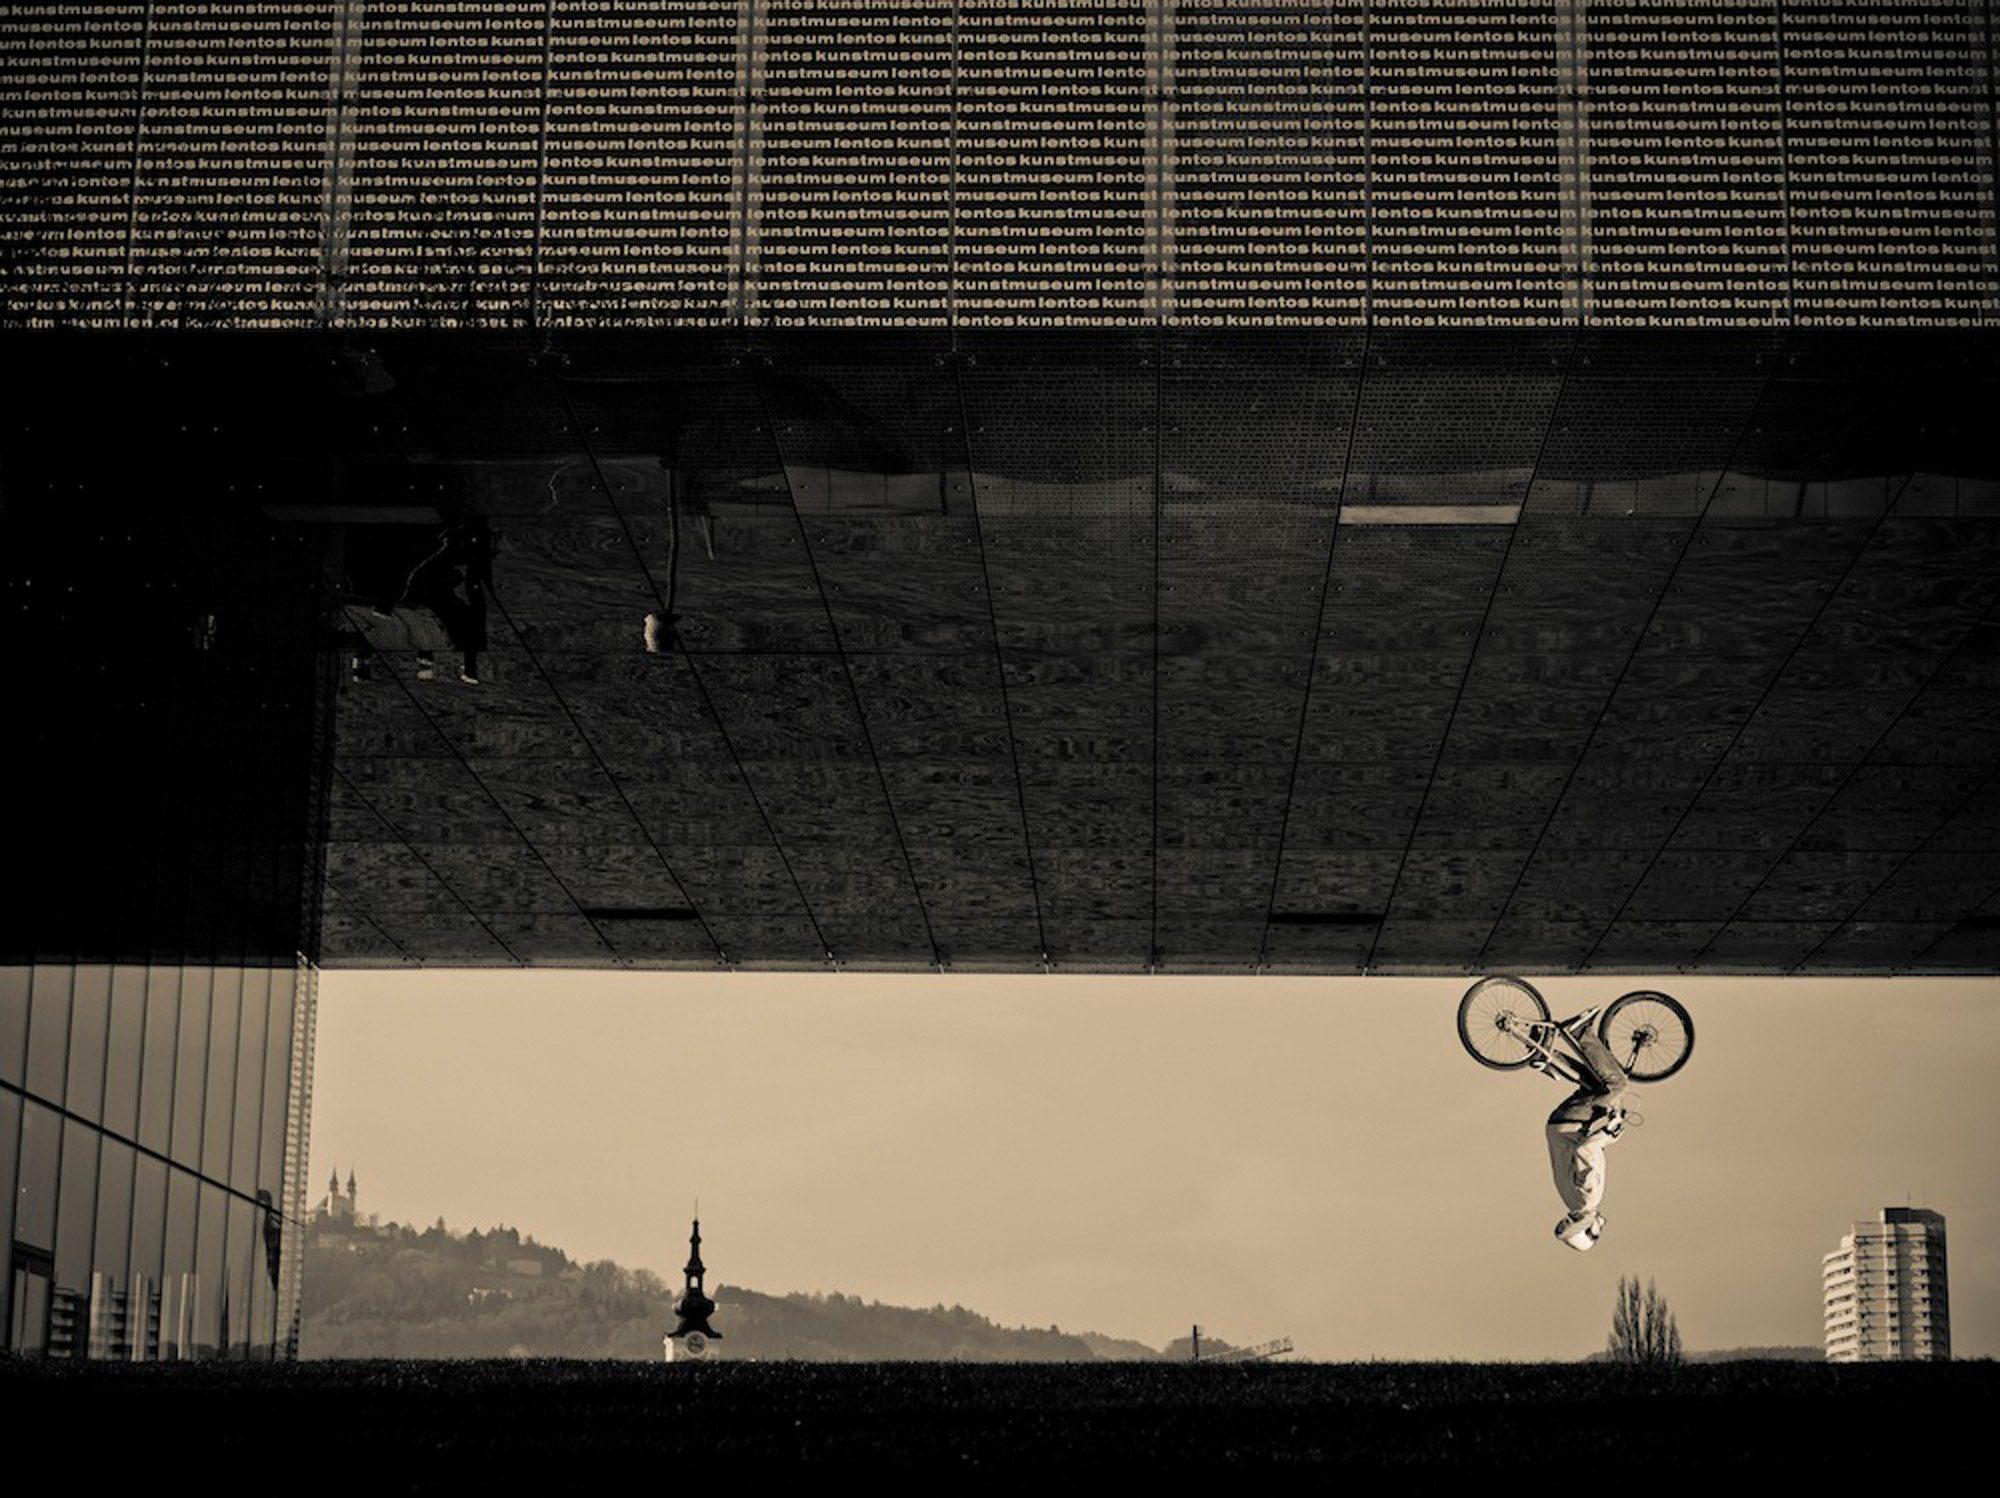 Dominik Raab macht einen Backflip in Linz